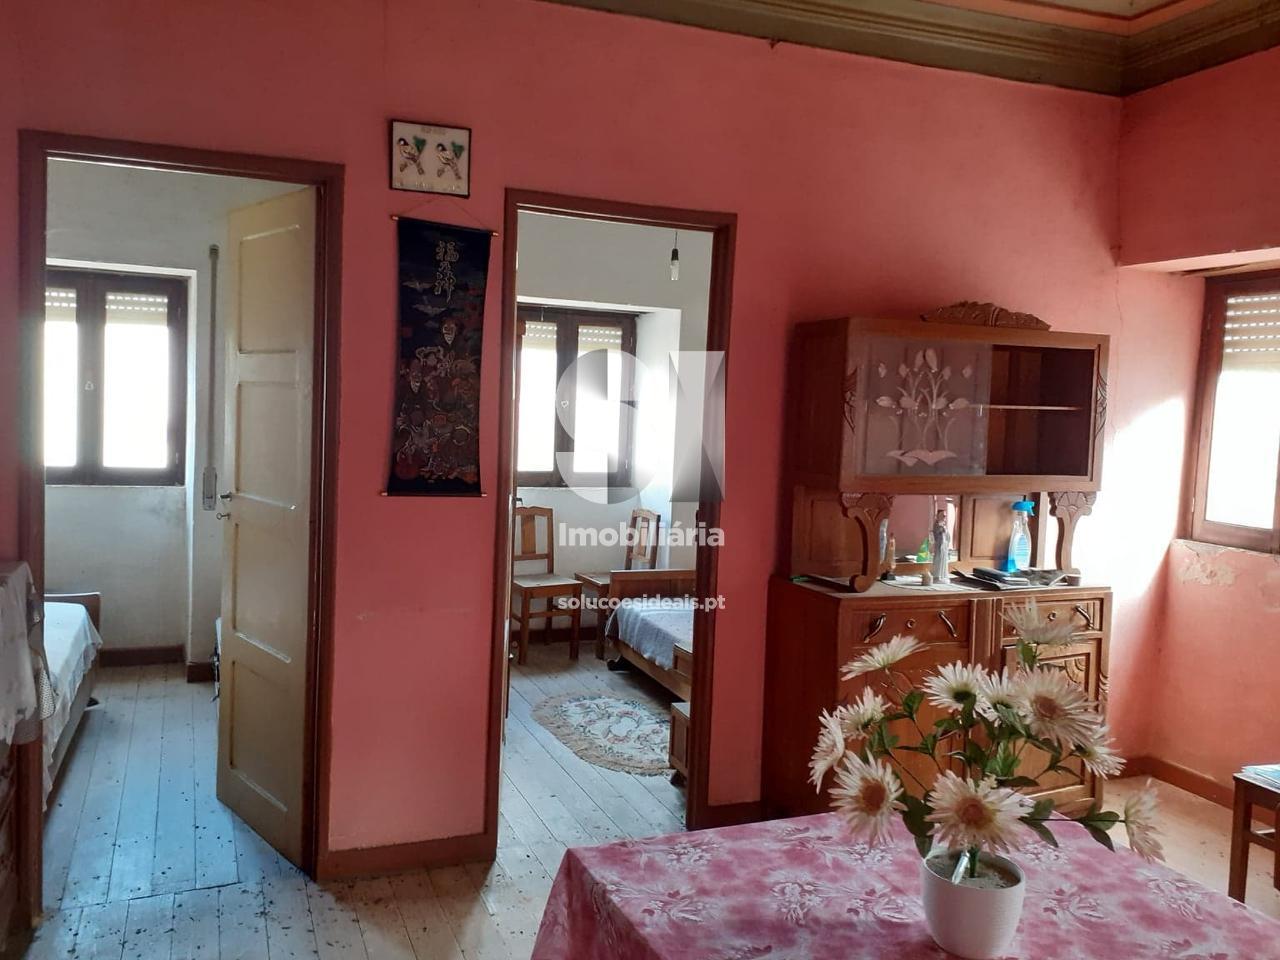 moradia para restaurar t41 para compra em vila nova de poiares arrifana LSANL614